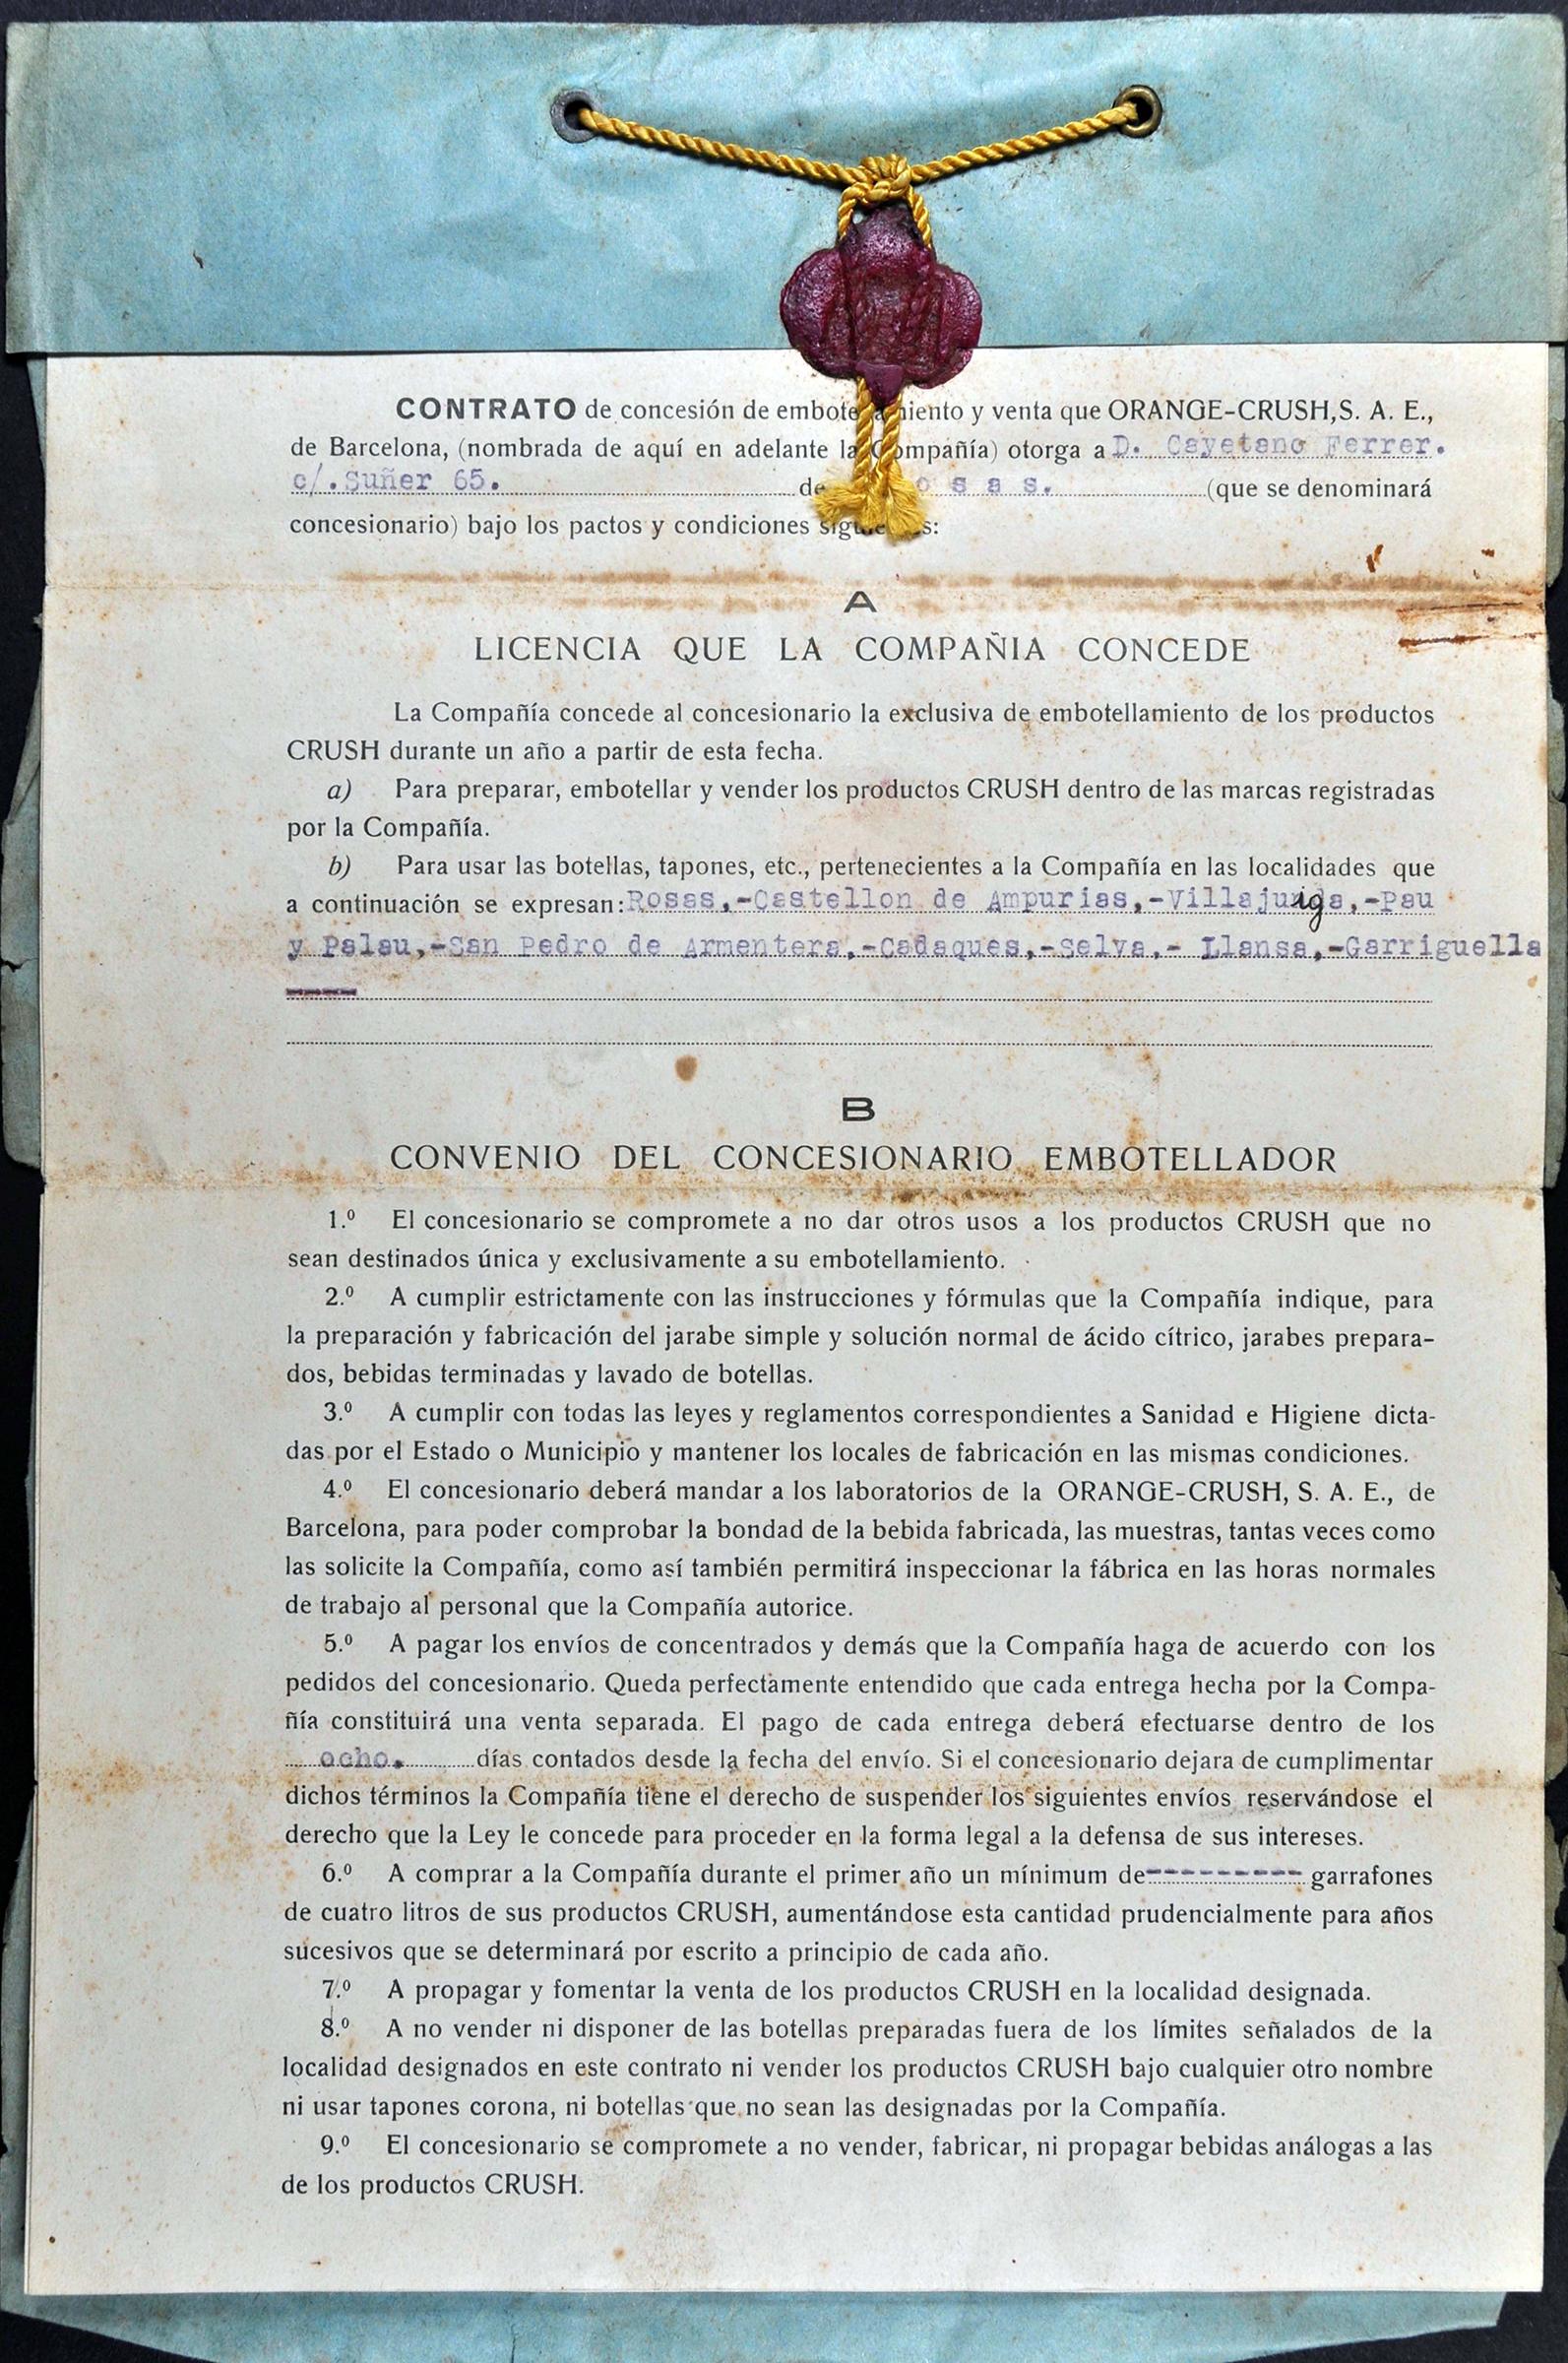 La concessió de la beguda Orange Crush a la família Ferrer de Roses, al Document del Mes de l'AMR